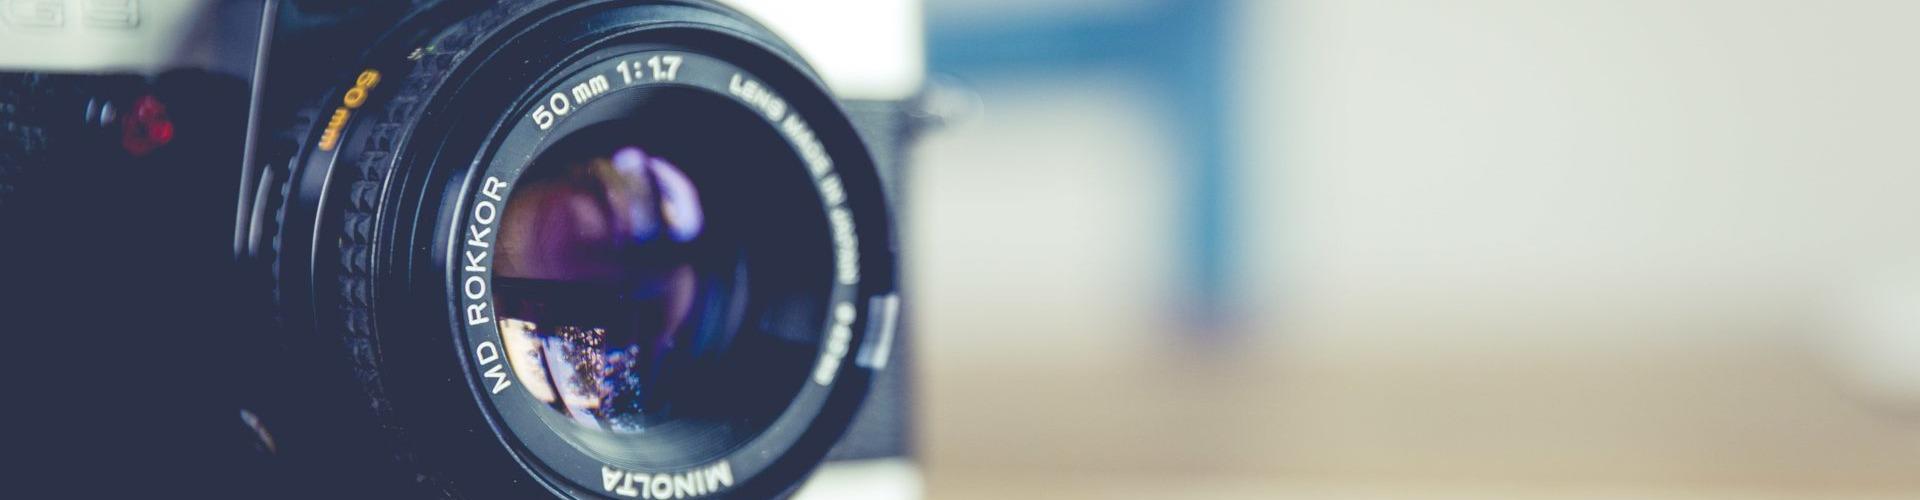 PRODUCCIÓN PUBLICITARIA. VÍDEO Y FOTOGRAFÍA